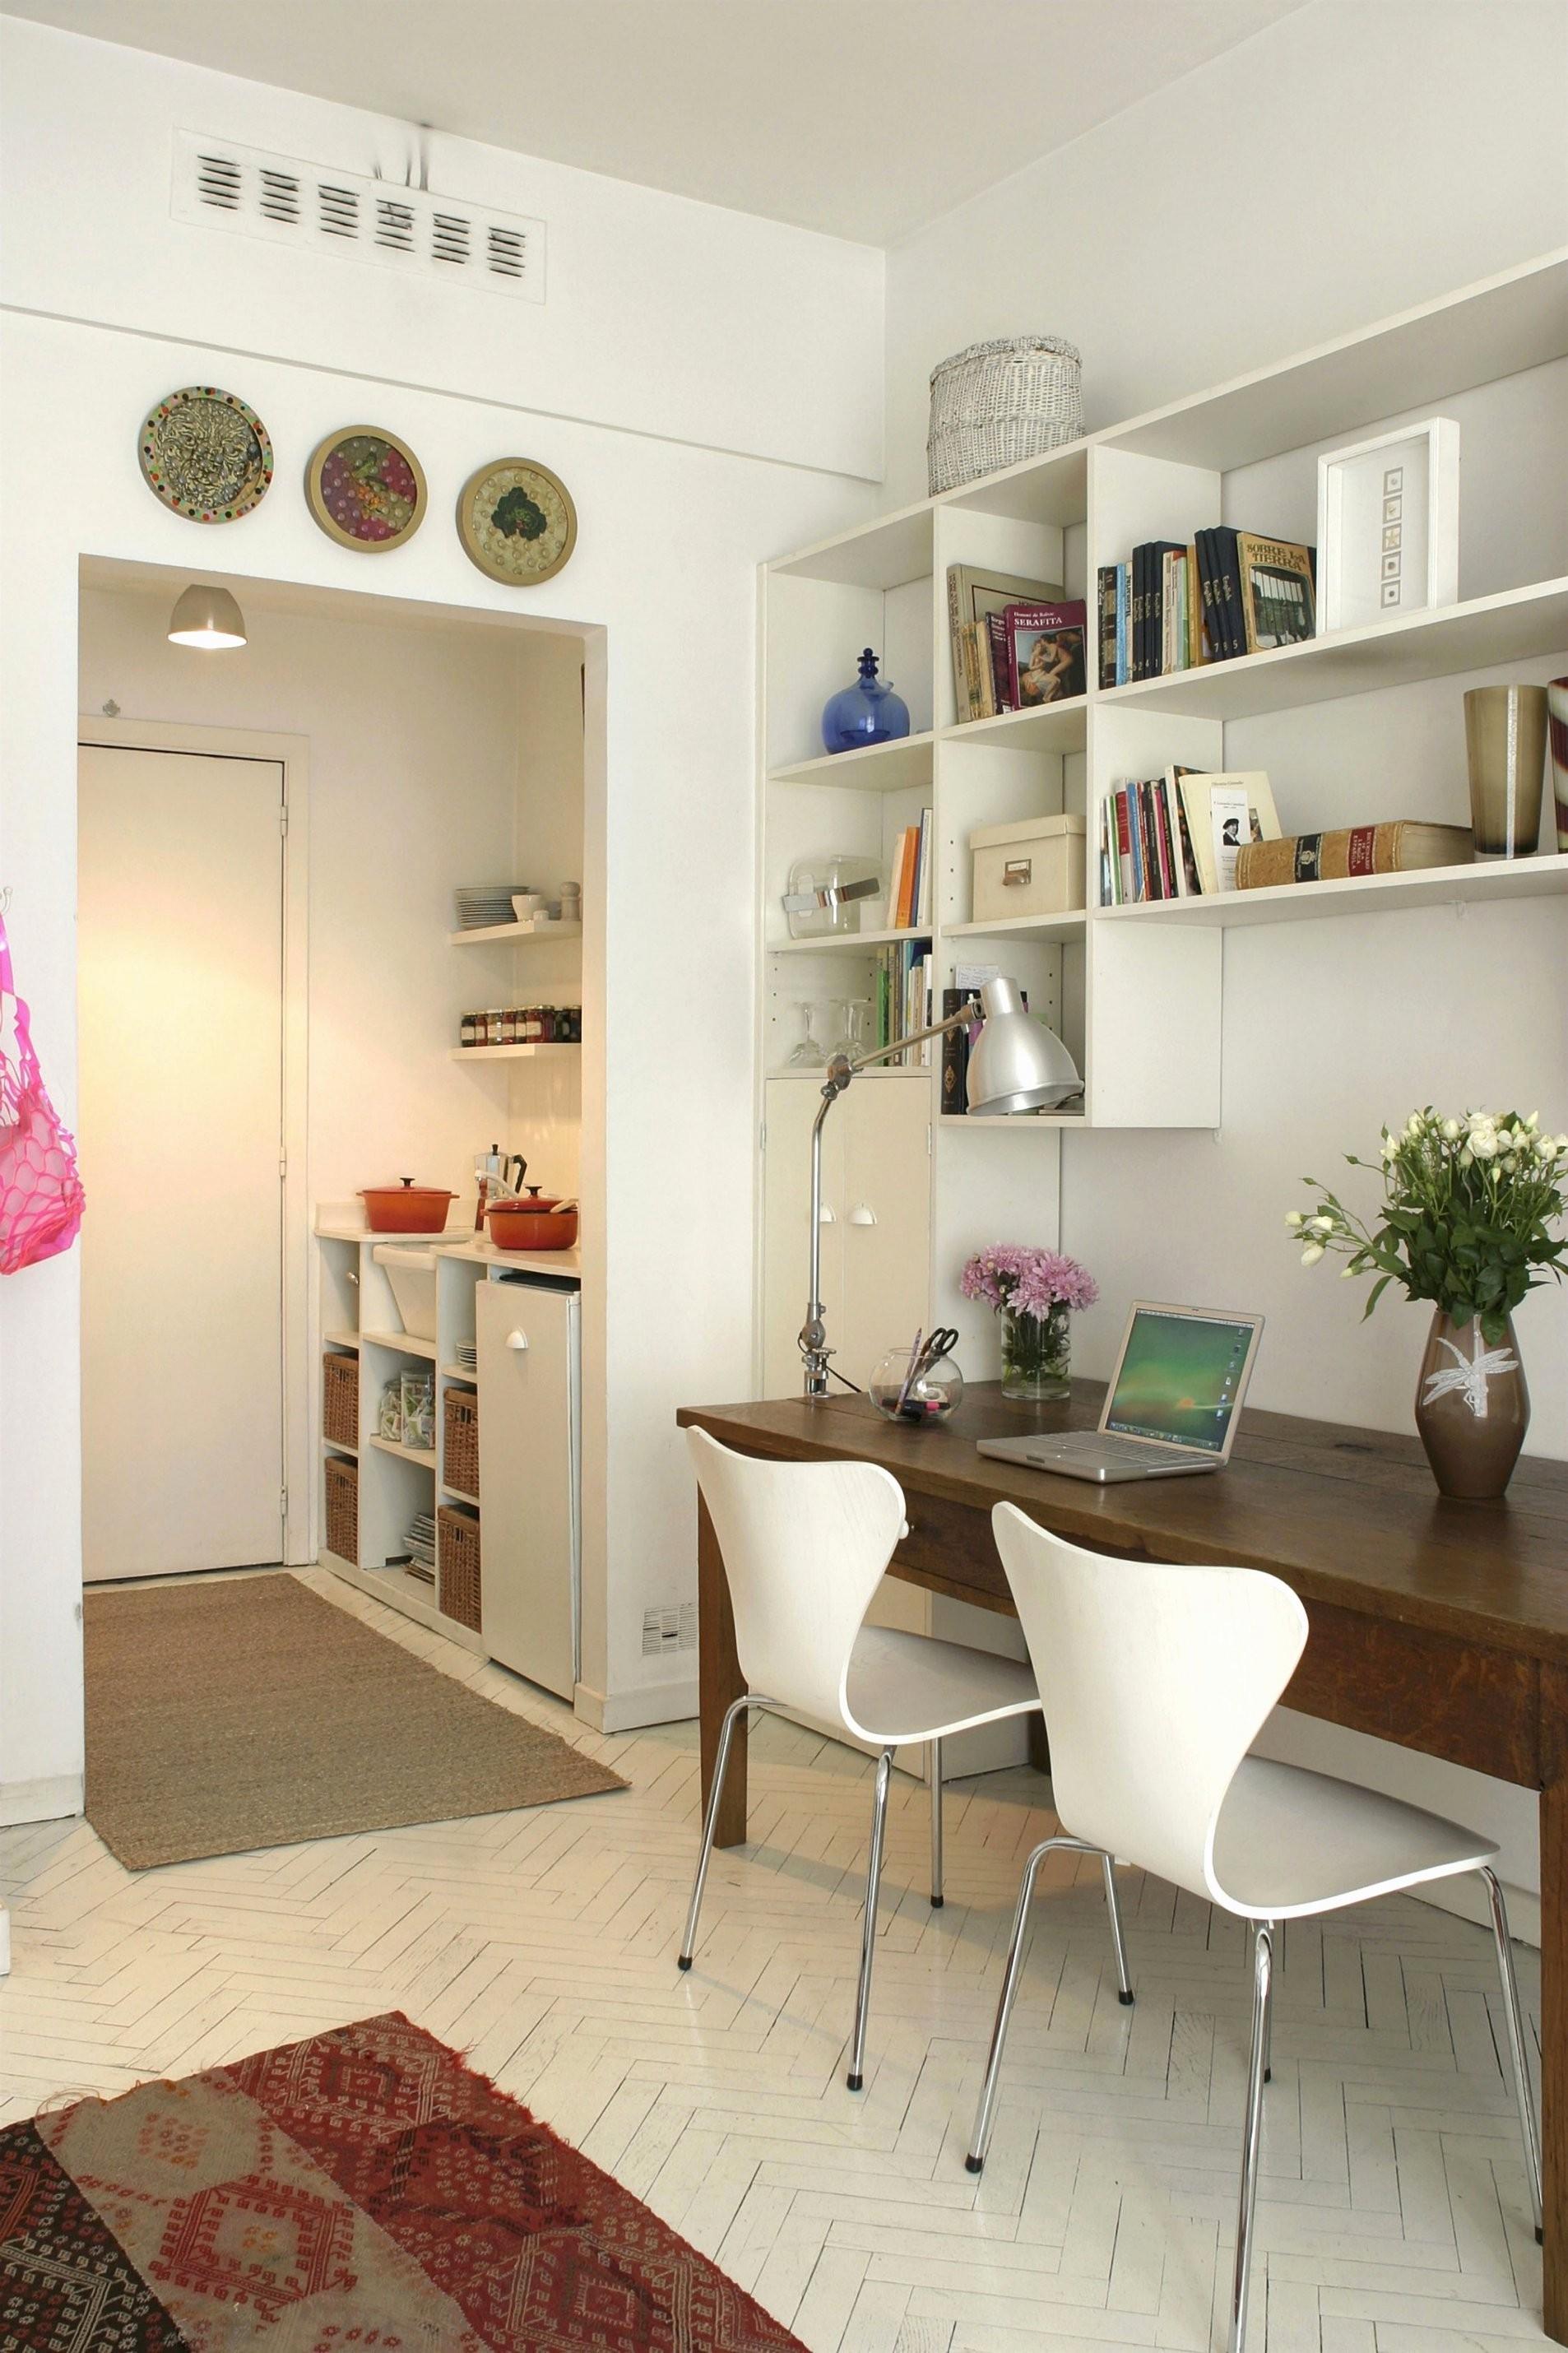 Schlafzimmer Ideen Für Kleine Räume Ikea  Möbel Braun von Kleine Räume Einrichten Ikea Bild